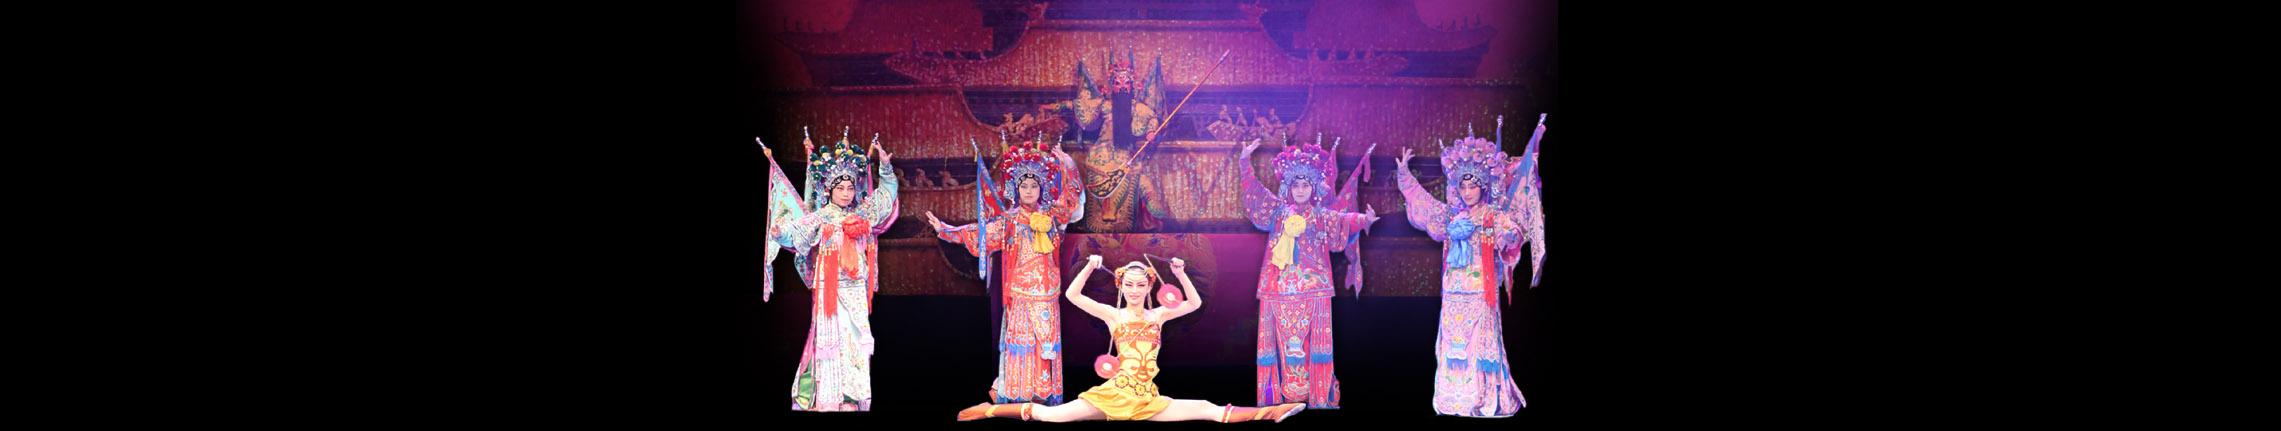 Shanghai Cultural Festival